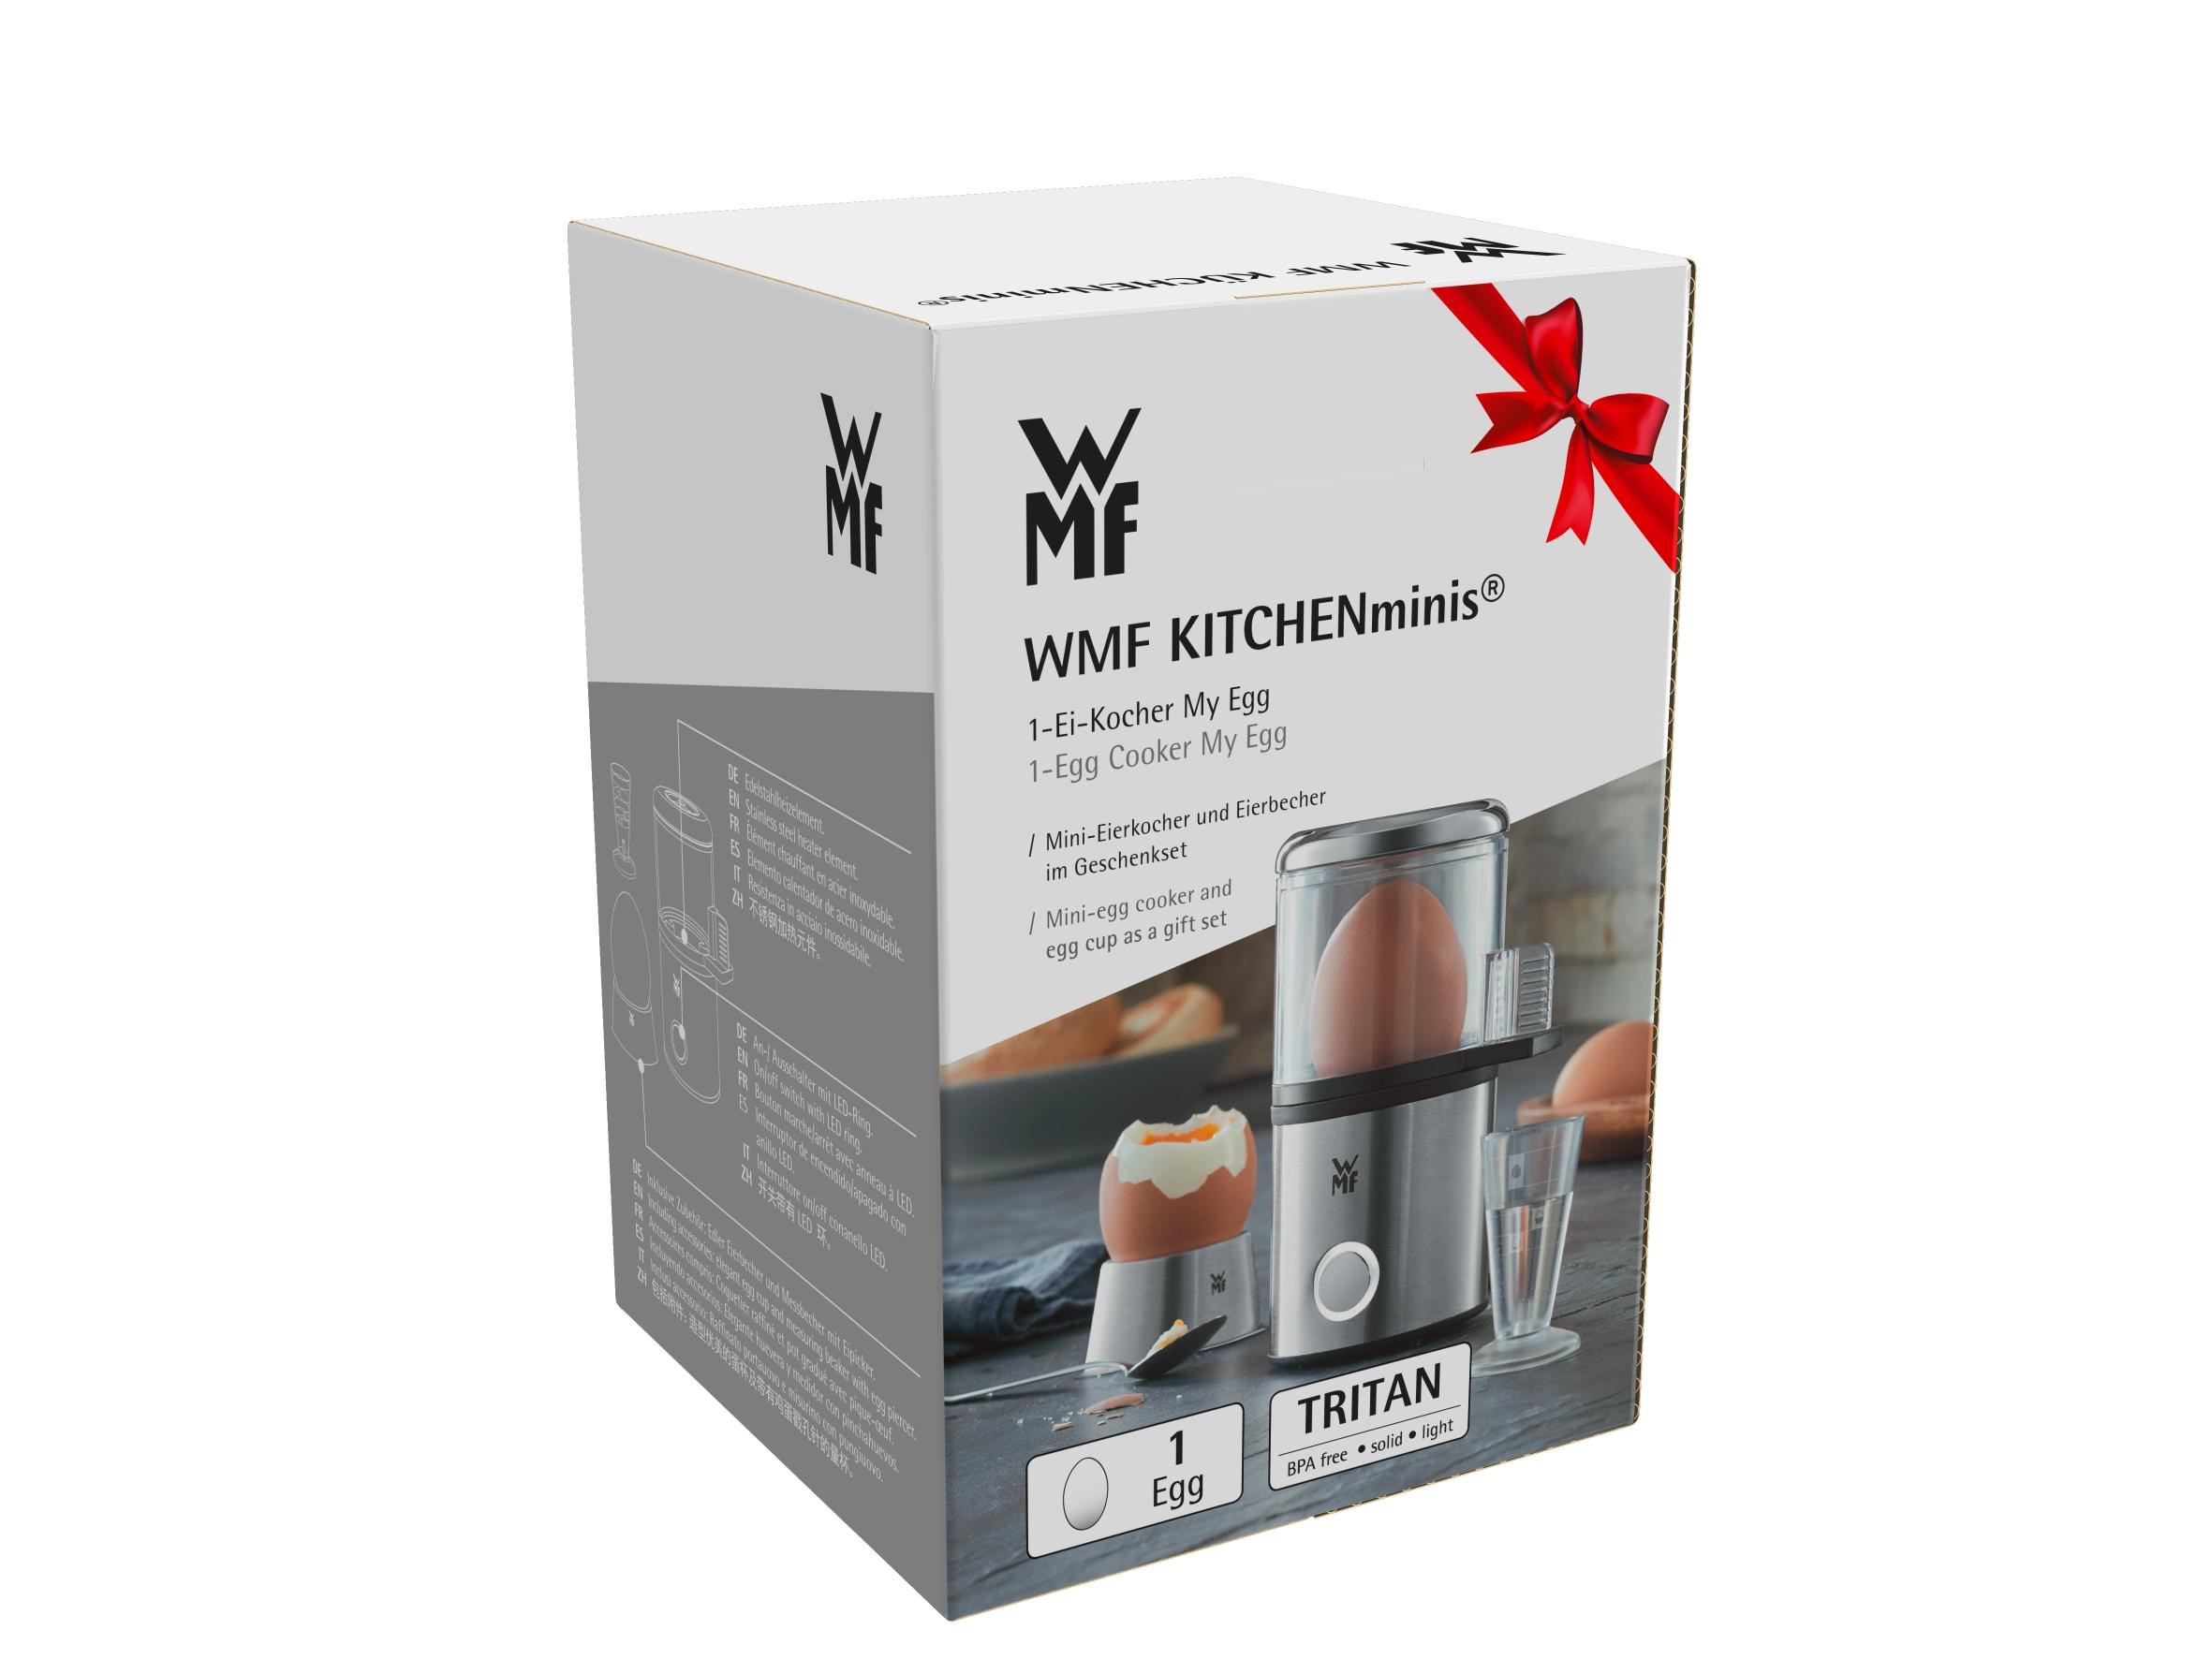 WMF KITCHENminisⓇ Tekli Yumurta Pişirme Makinesi